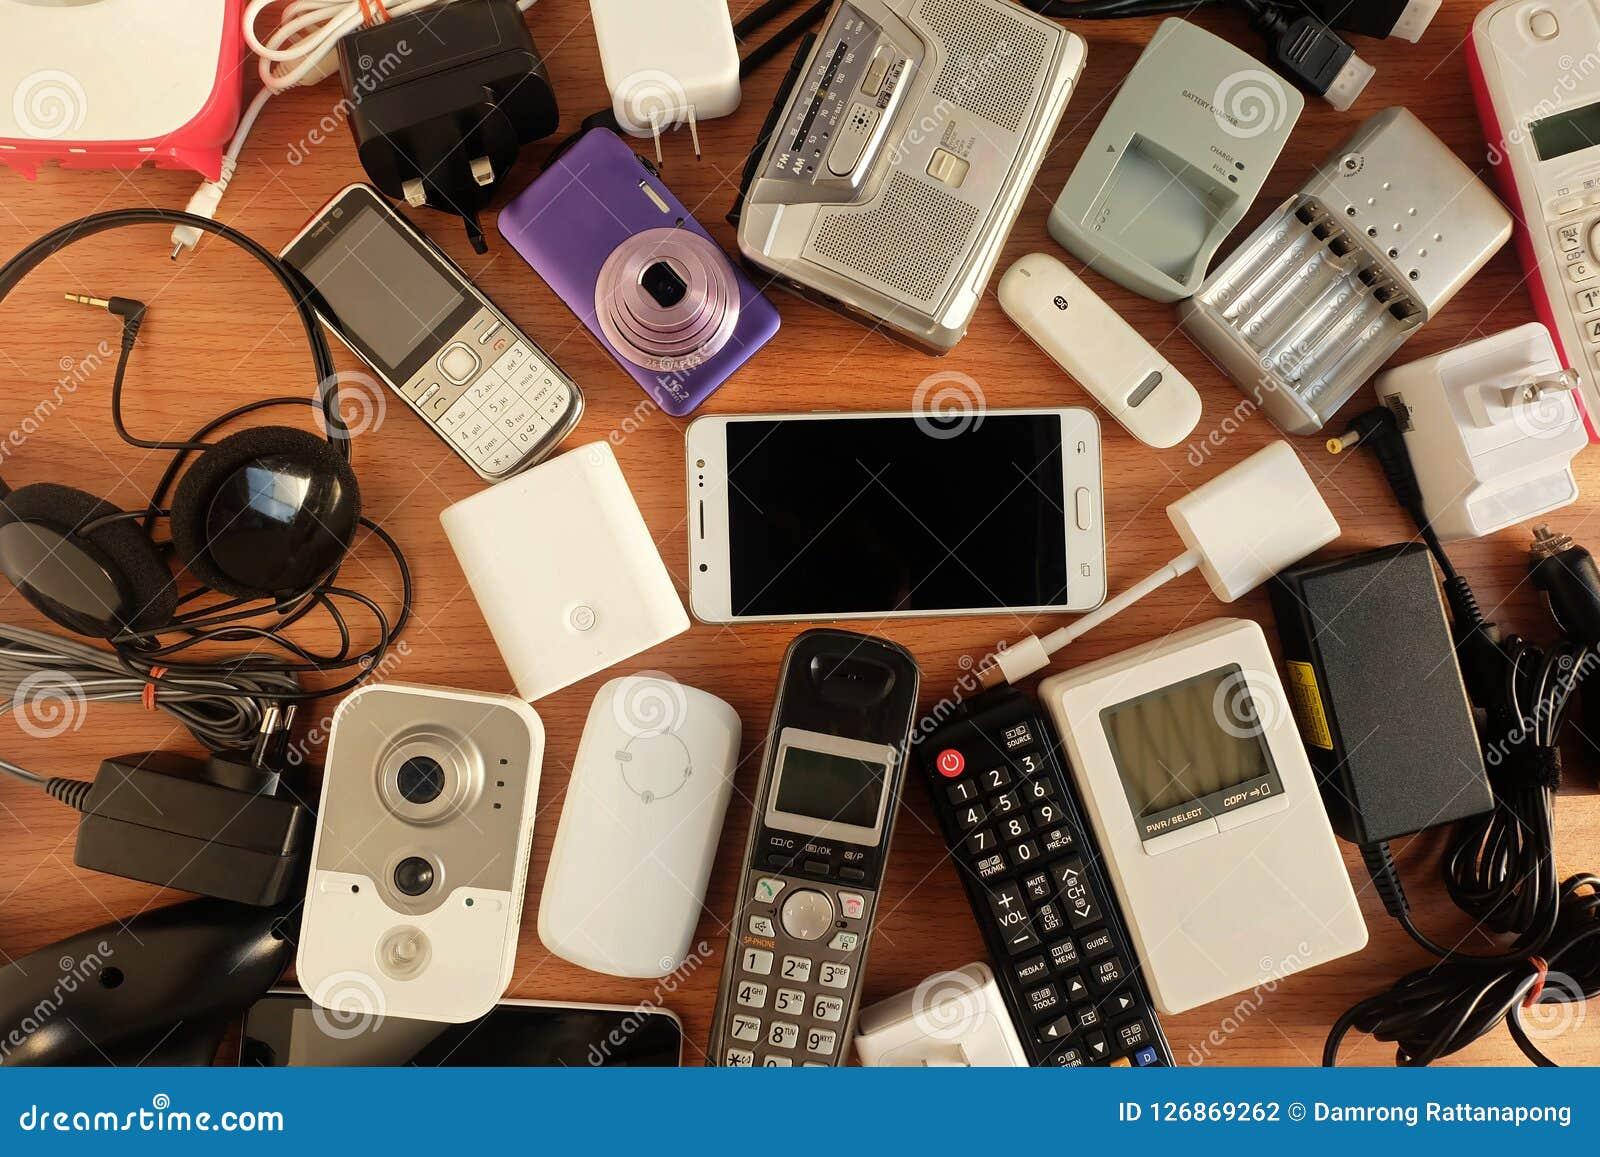 Gebruikte Houten Vloer : Gebruikte moderne elektronische gadgets voor dagelijks gebruik op